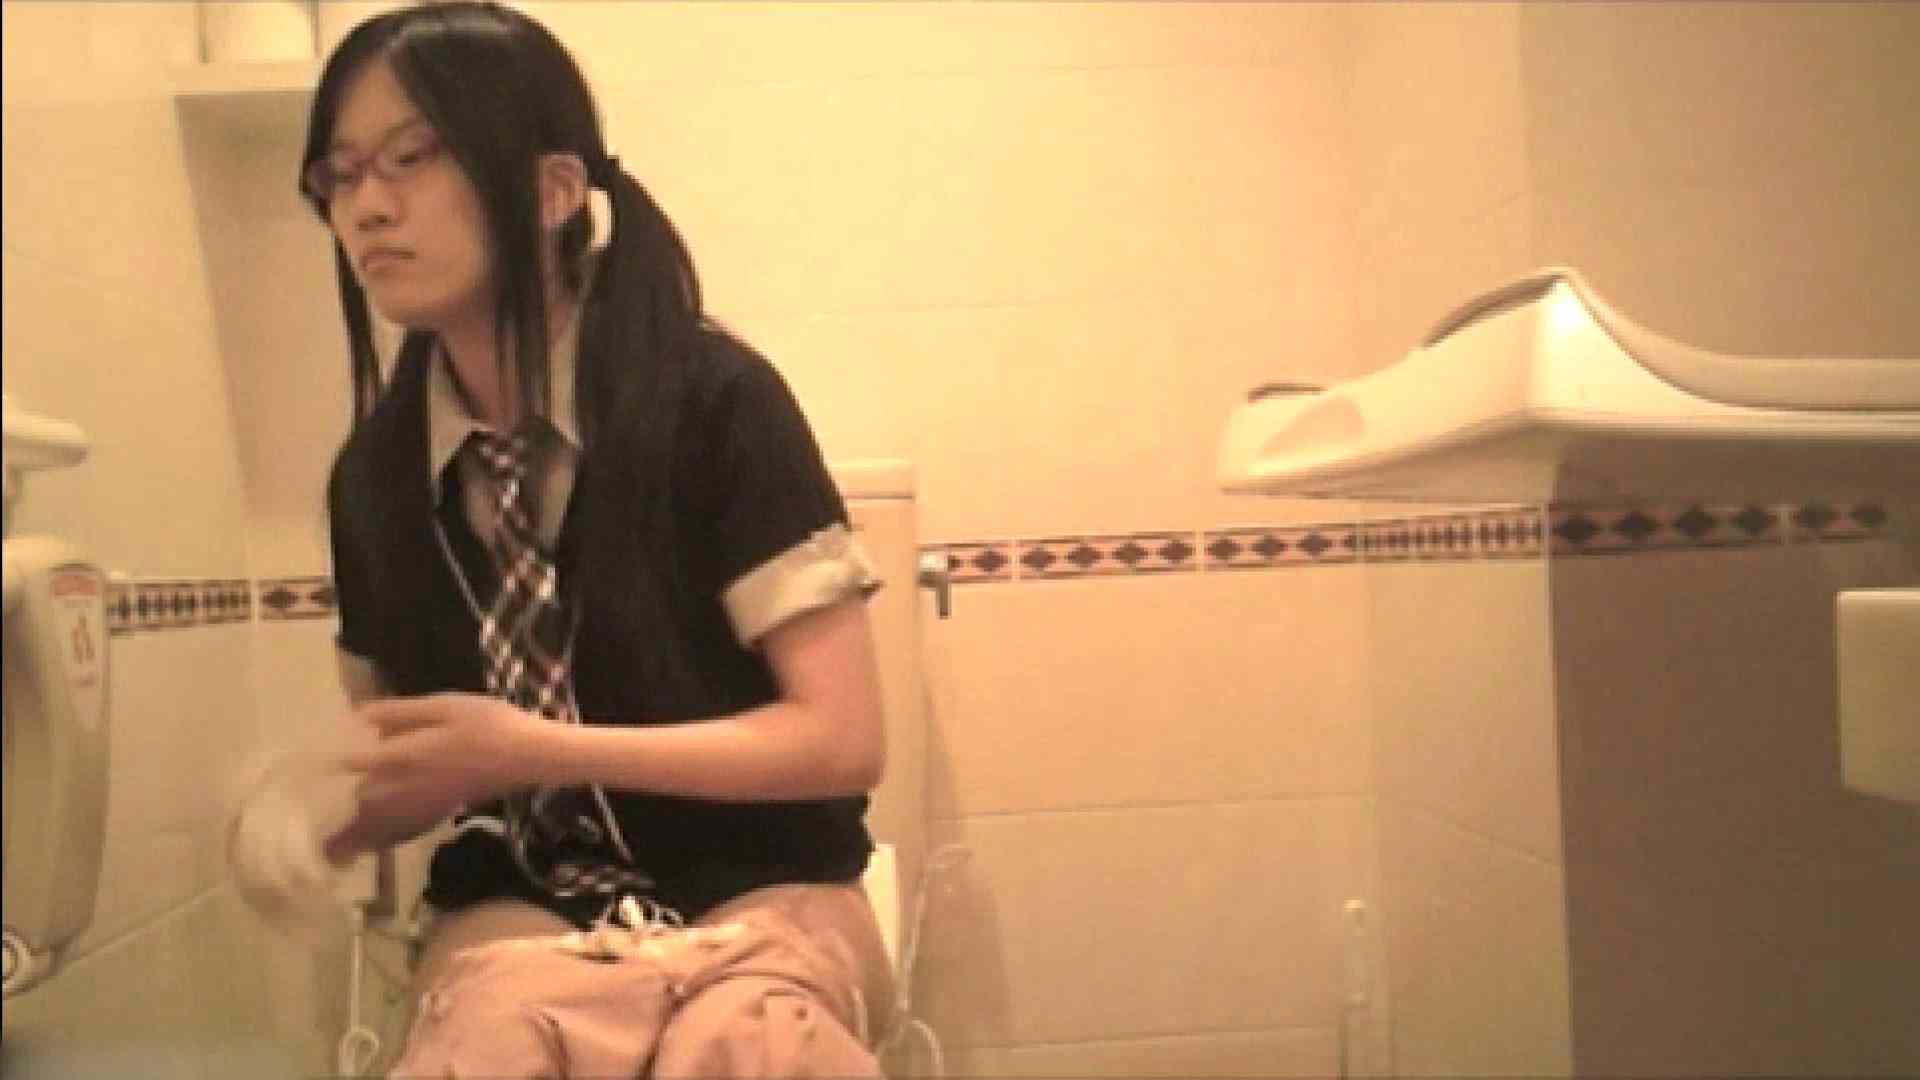 実録!!綺麗なお姉さんのトイレ事情・・・。vol.19 独身エッチOL   お姉さんの女体  22pic 12